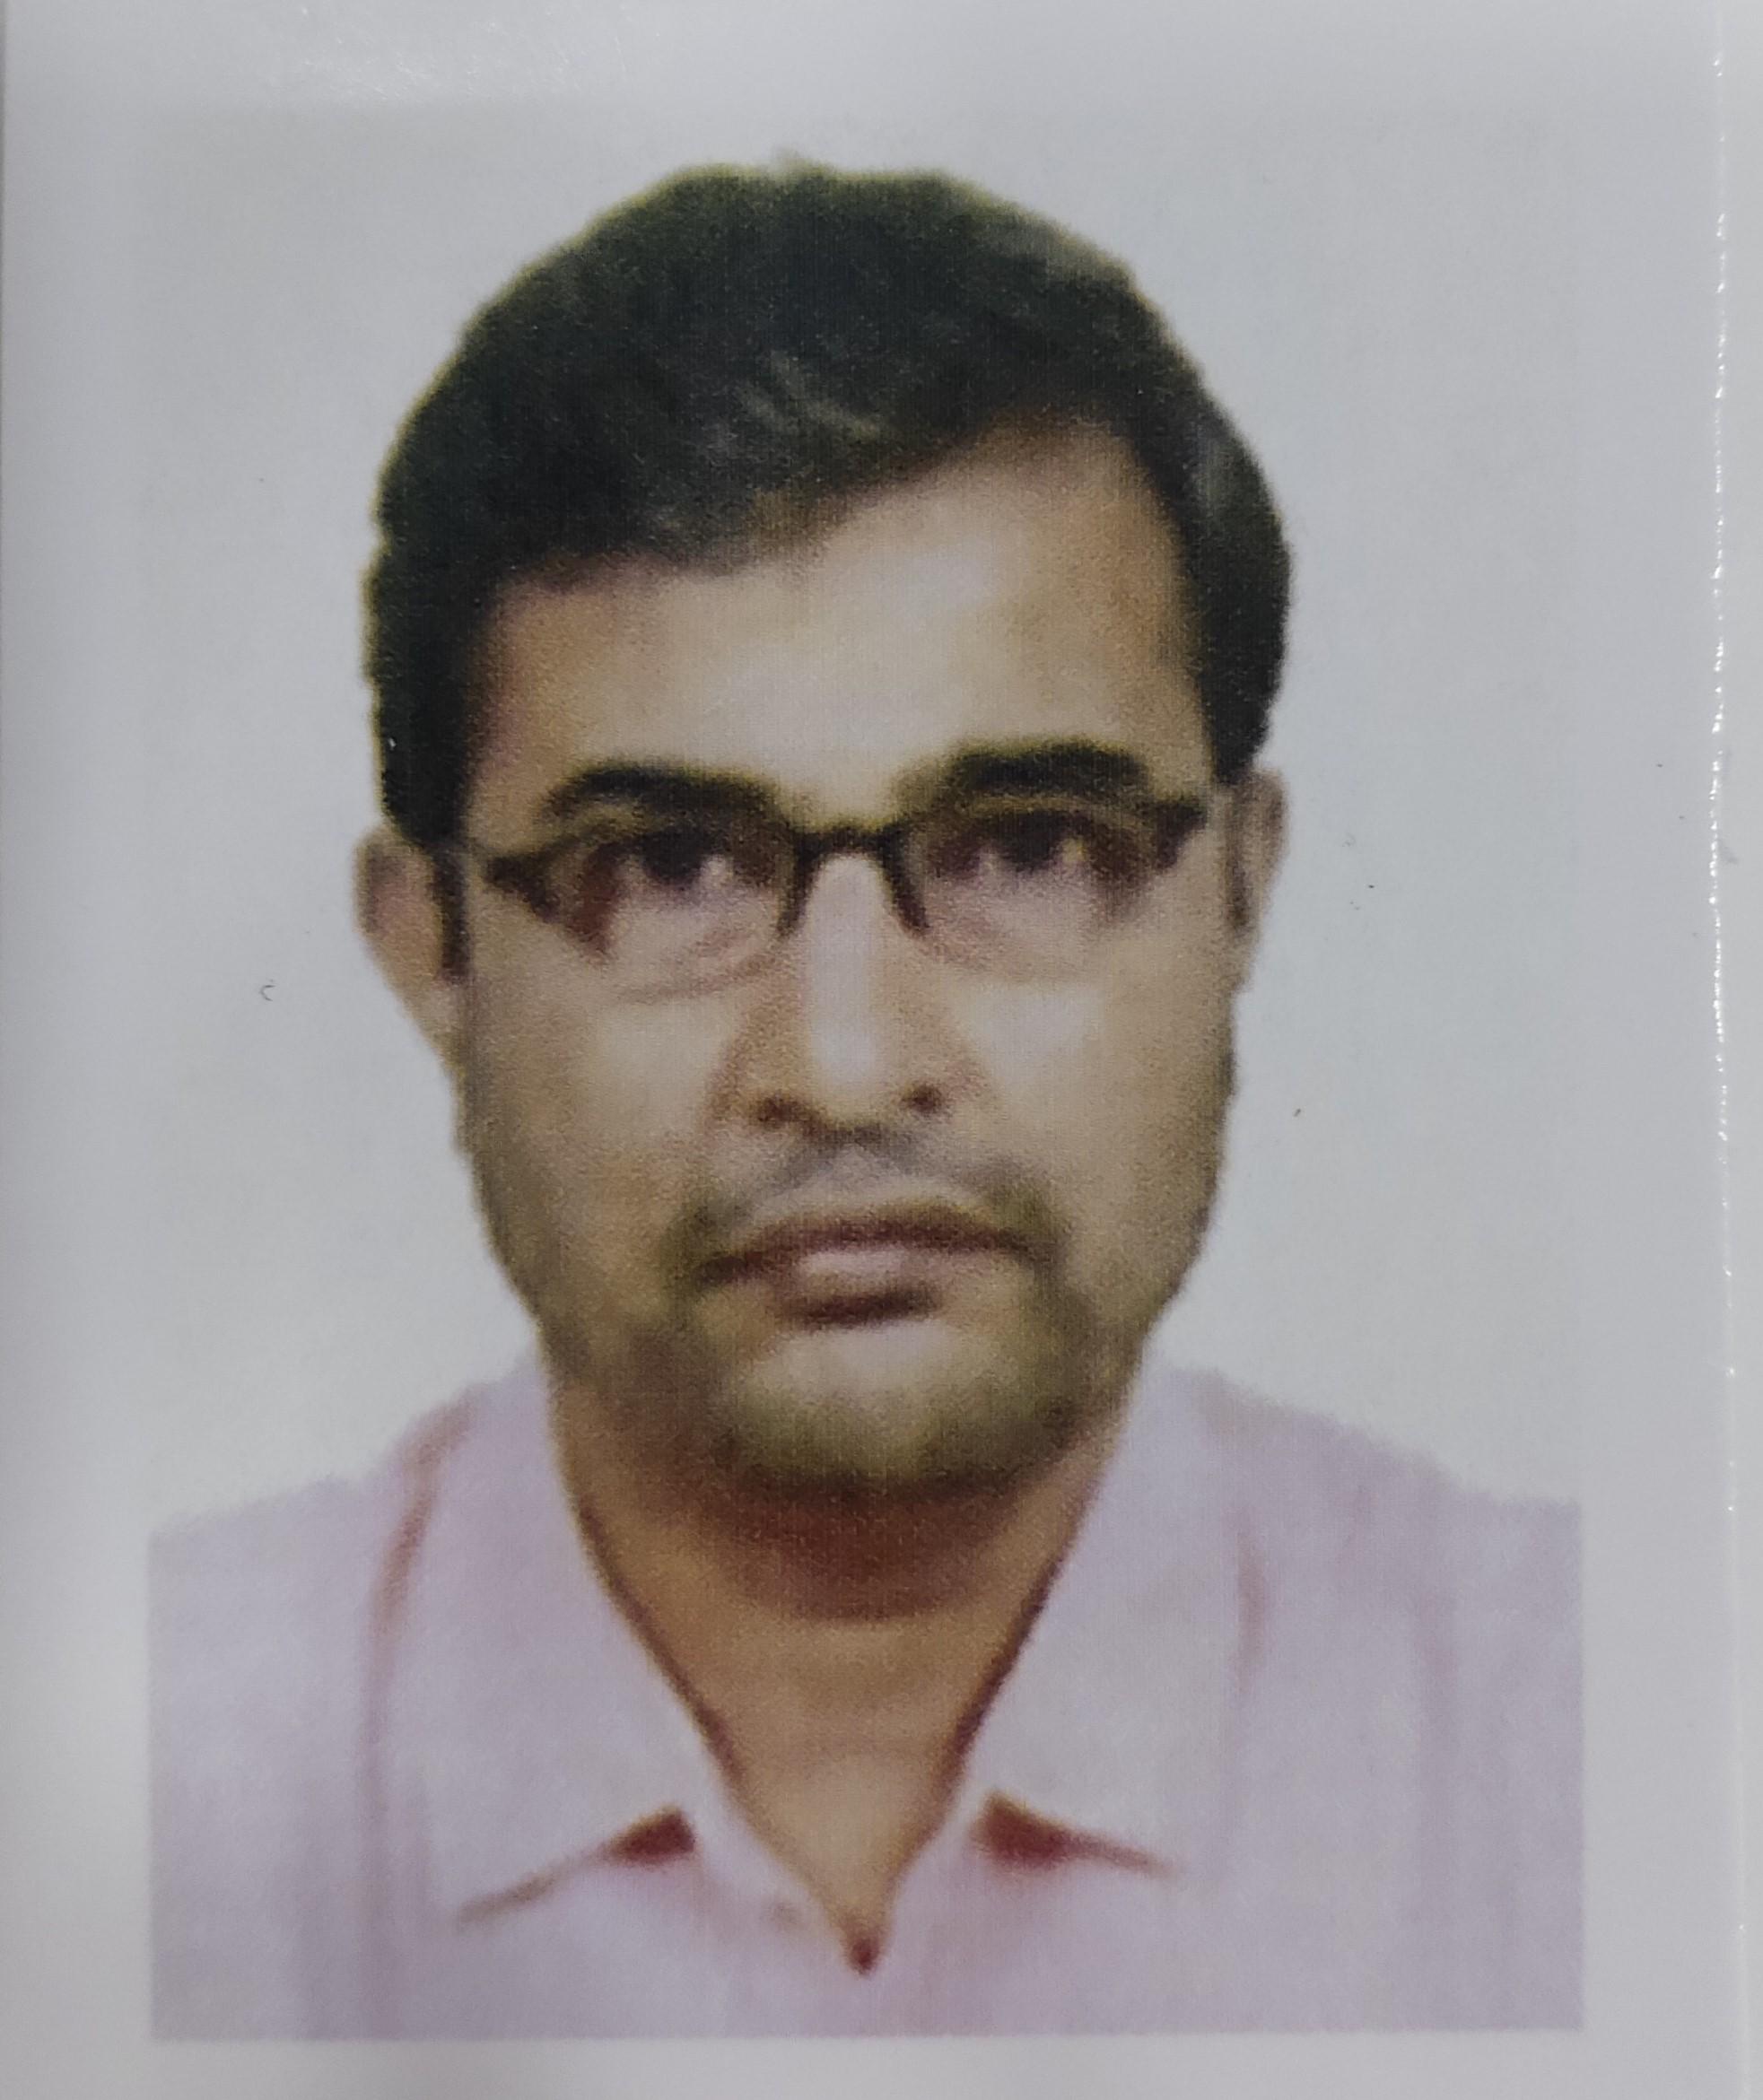 Rajesh B Shah